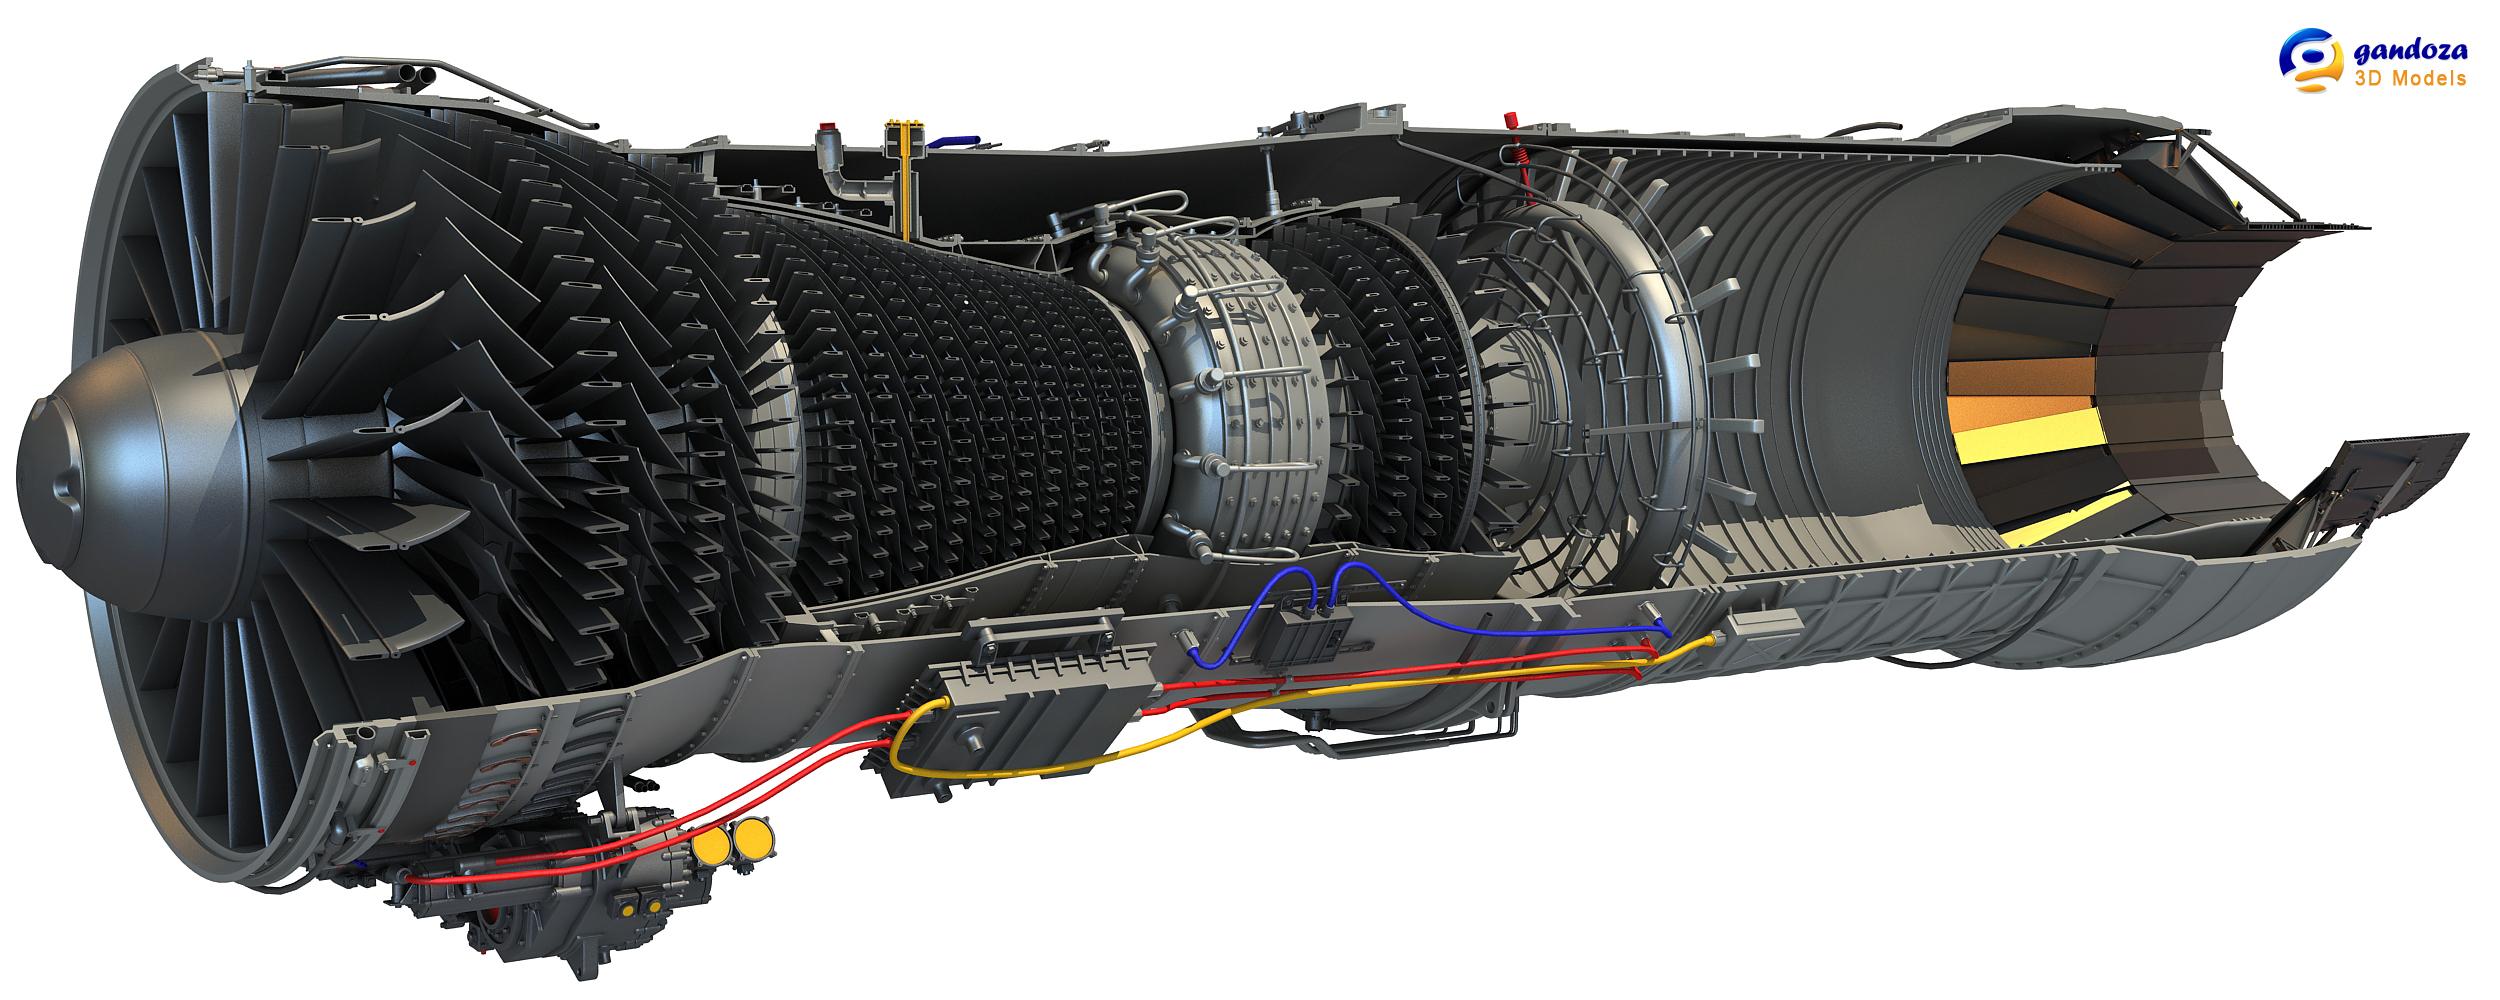 Реактивный двигатель дома Журнал Популярная Механика 29